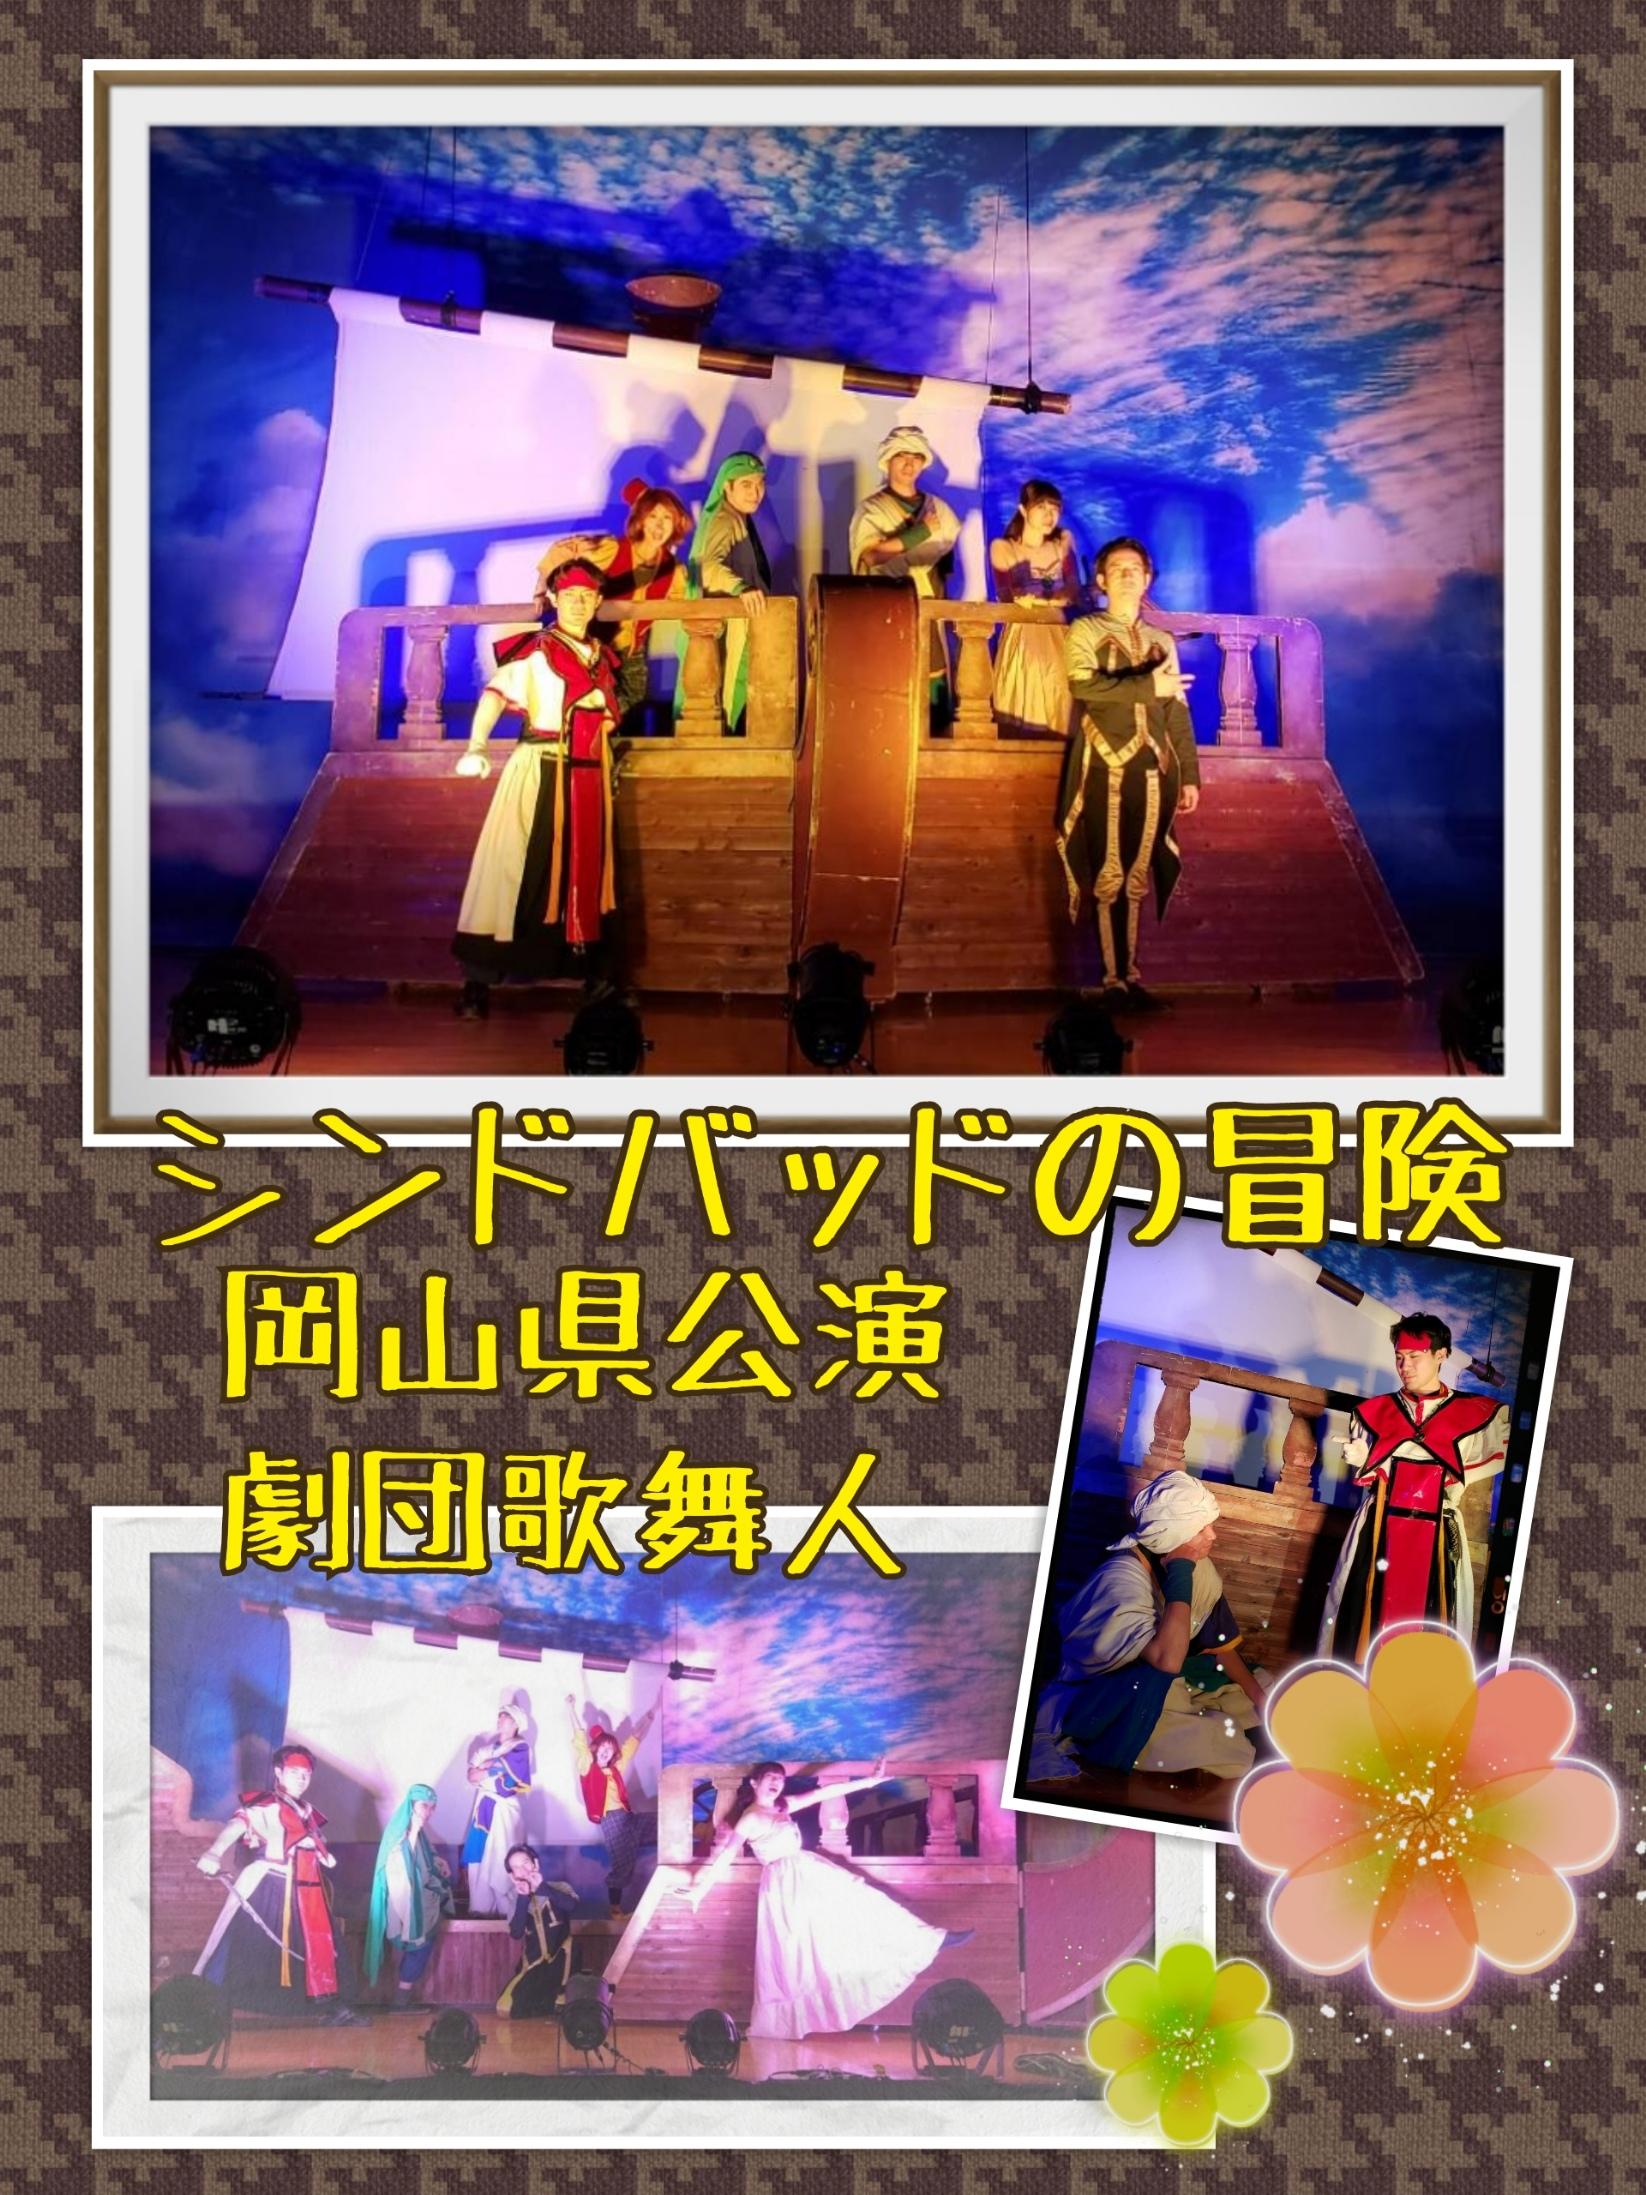 moblog_43450a43.jpg